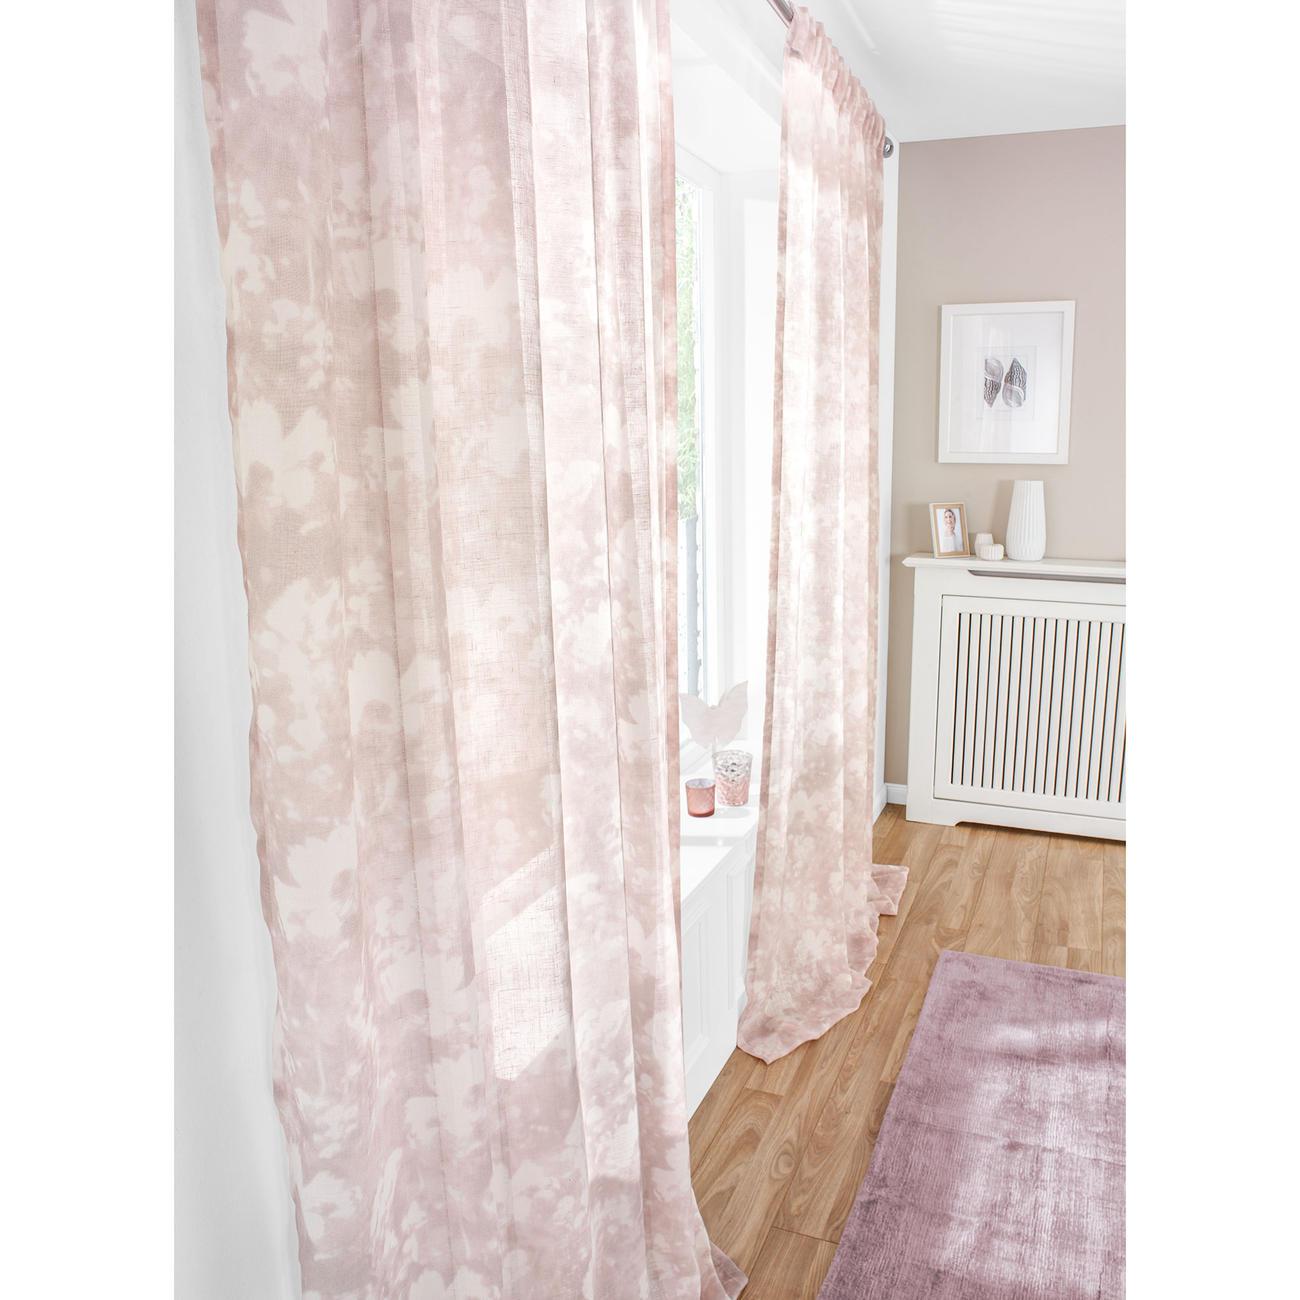 vorhang douce rebelle 1 st ck vorh nge online kaufen. Black Bedroom Furniture Sets. Home Design Ideas